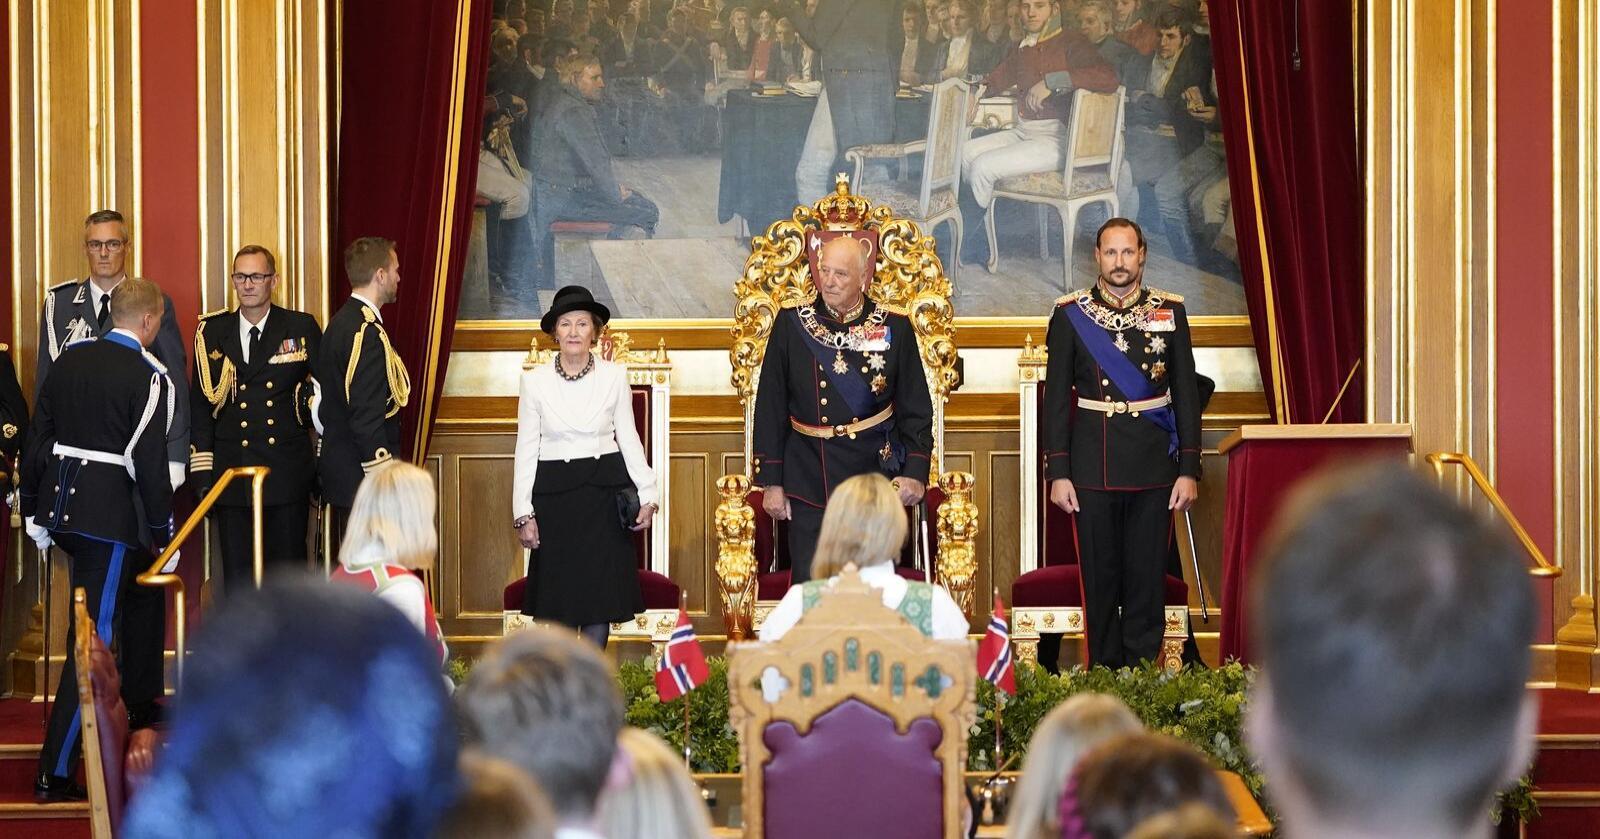 Kong Harald flankert av dronning Sonja og kronprins Haakon under den høytidelige åpningen av Stortinget. Foto: Torstein Bøe / NTB.